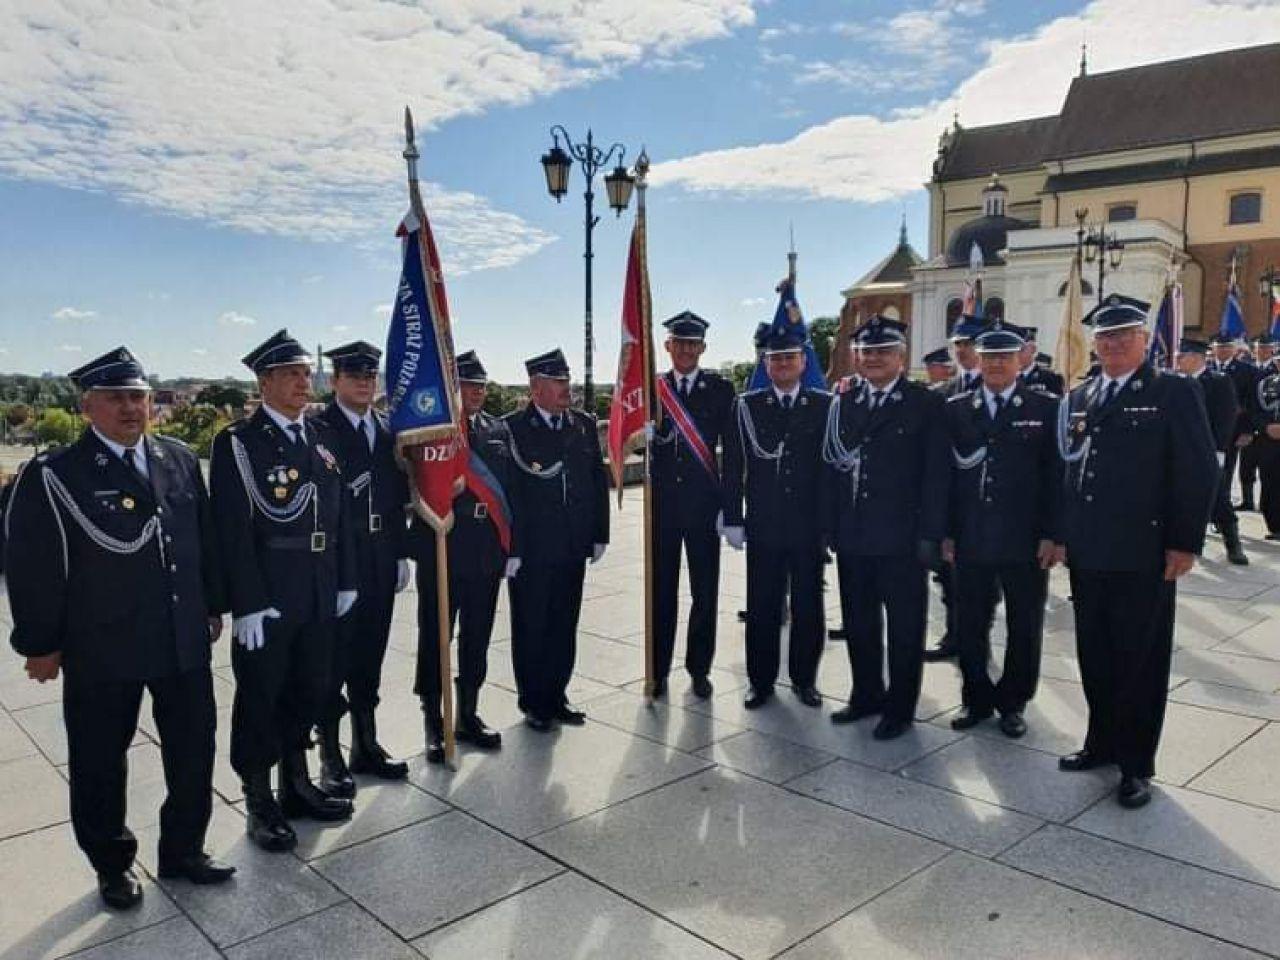 Poczet OSP Turek na warszawskich obchodach 100-lecia Związku Ochotniczych Straży Pożarnych RP - fot. OSP Turek